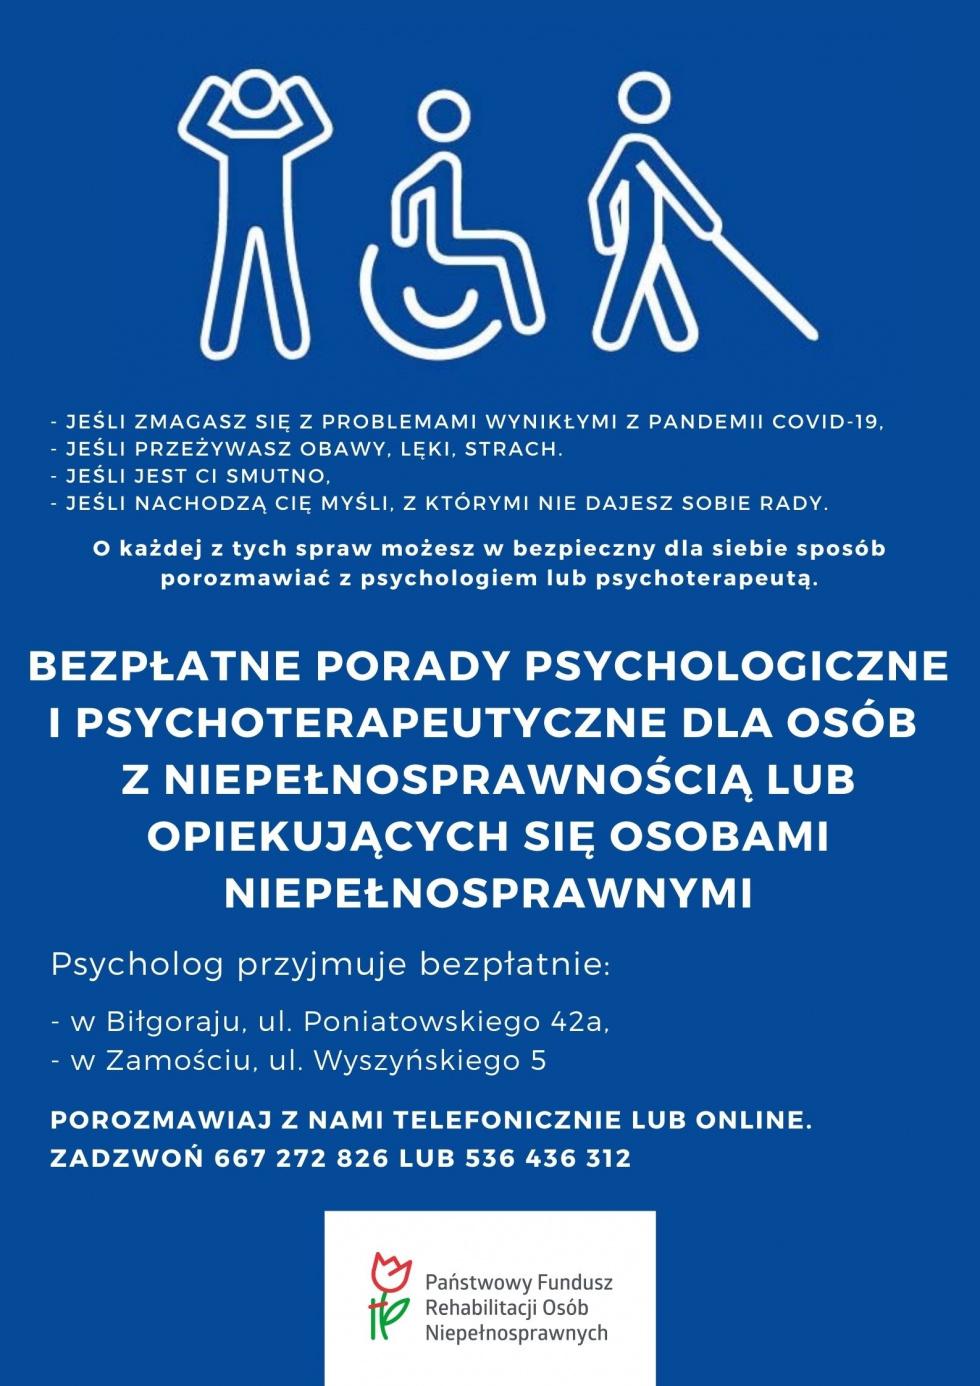 Biłgoraj. Bezpłatne porady psychologiczne dla osób niepełnosprawnych